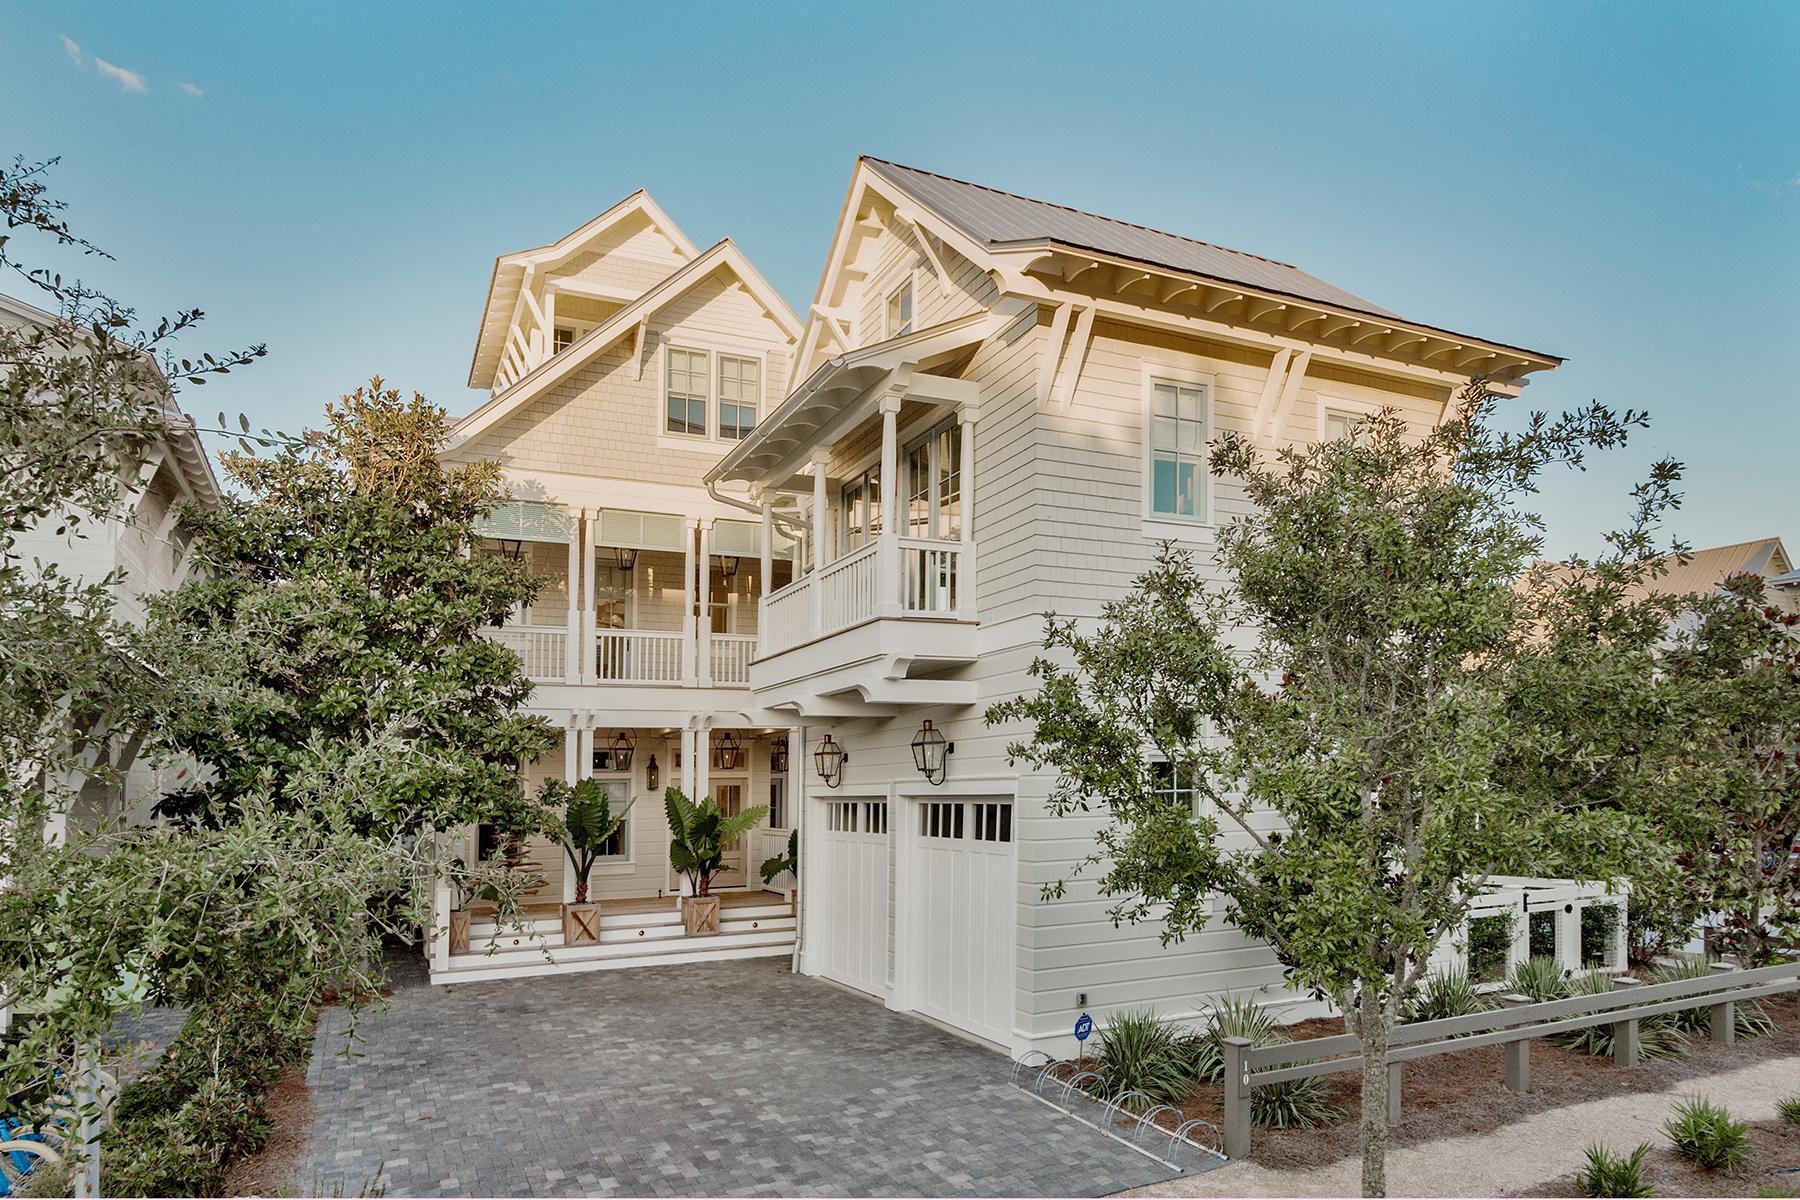 一戸建て のために 売買 アット IMPECCABLE DESIGN & FUNCTION FOR HIGH END LIVING & ENTERTAINING 10 Flatwood Street Watercolor, Santa Rosa Beach, フロリダ, 32459 アメリカ合衆国